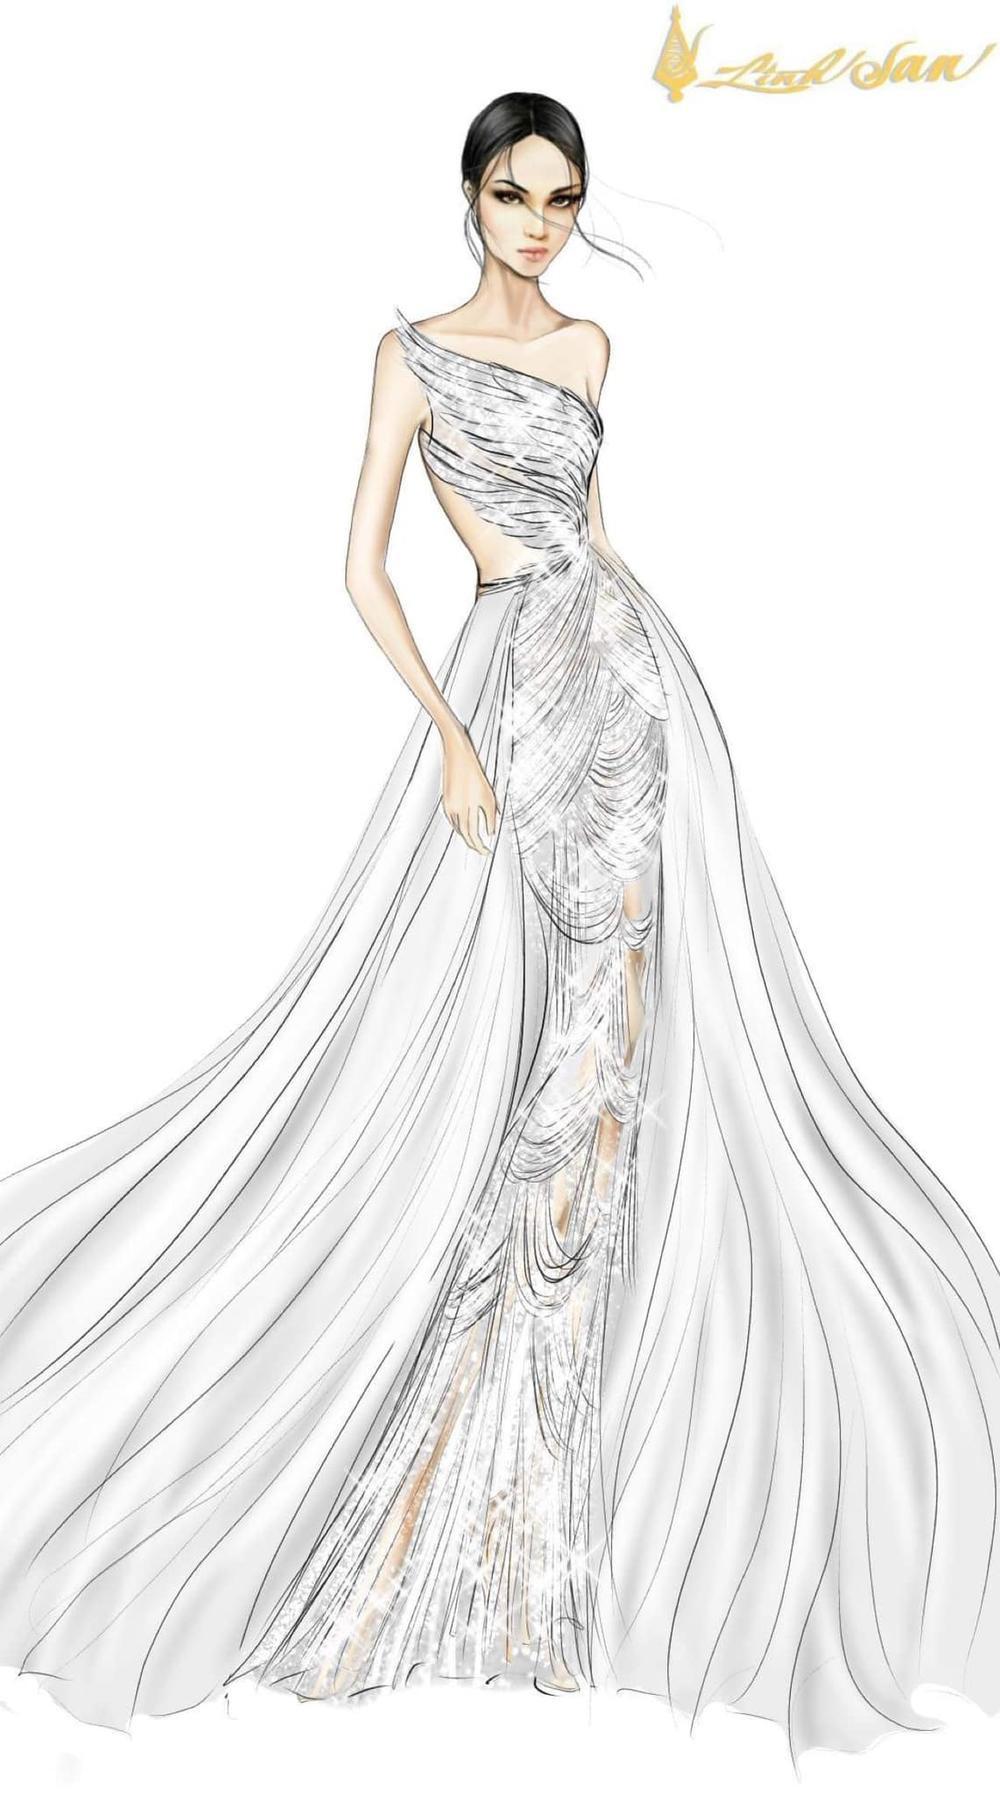 7 bộ váy dạ hội đẹp tinh xảo mà Ngọc Thảo không có cơ hội trình diễn tại Miss Grand International Ảnh 13